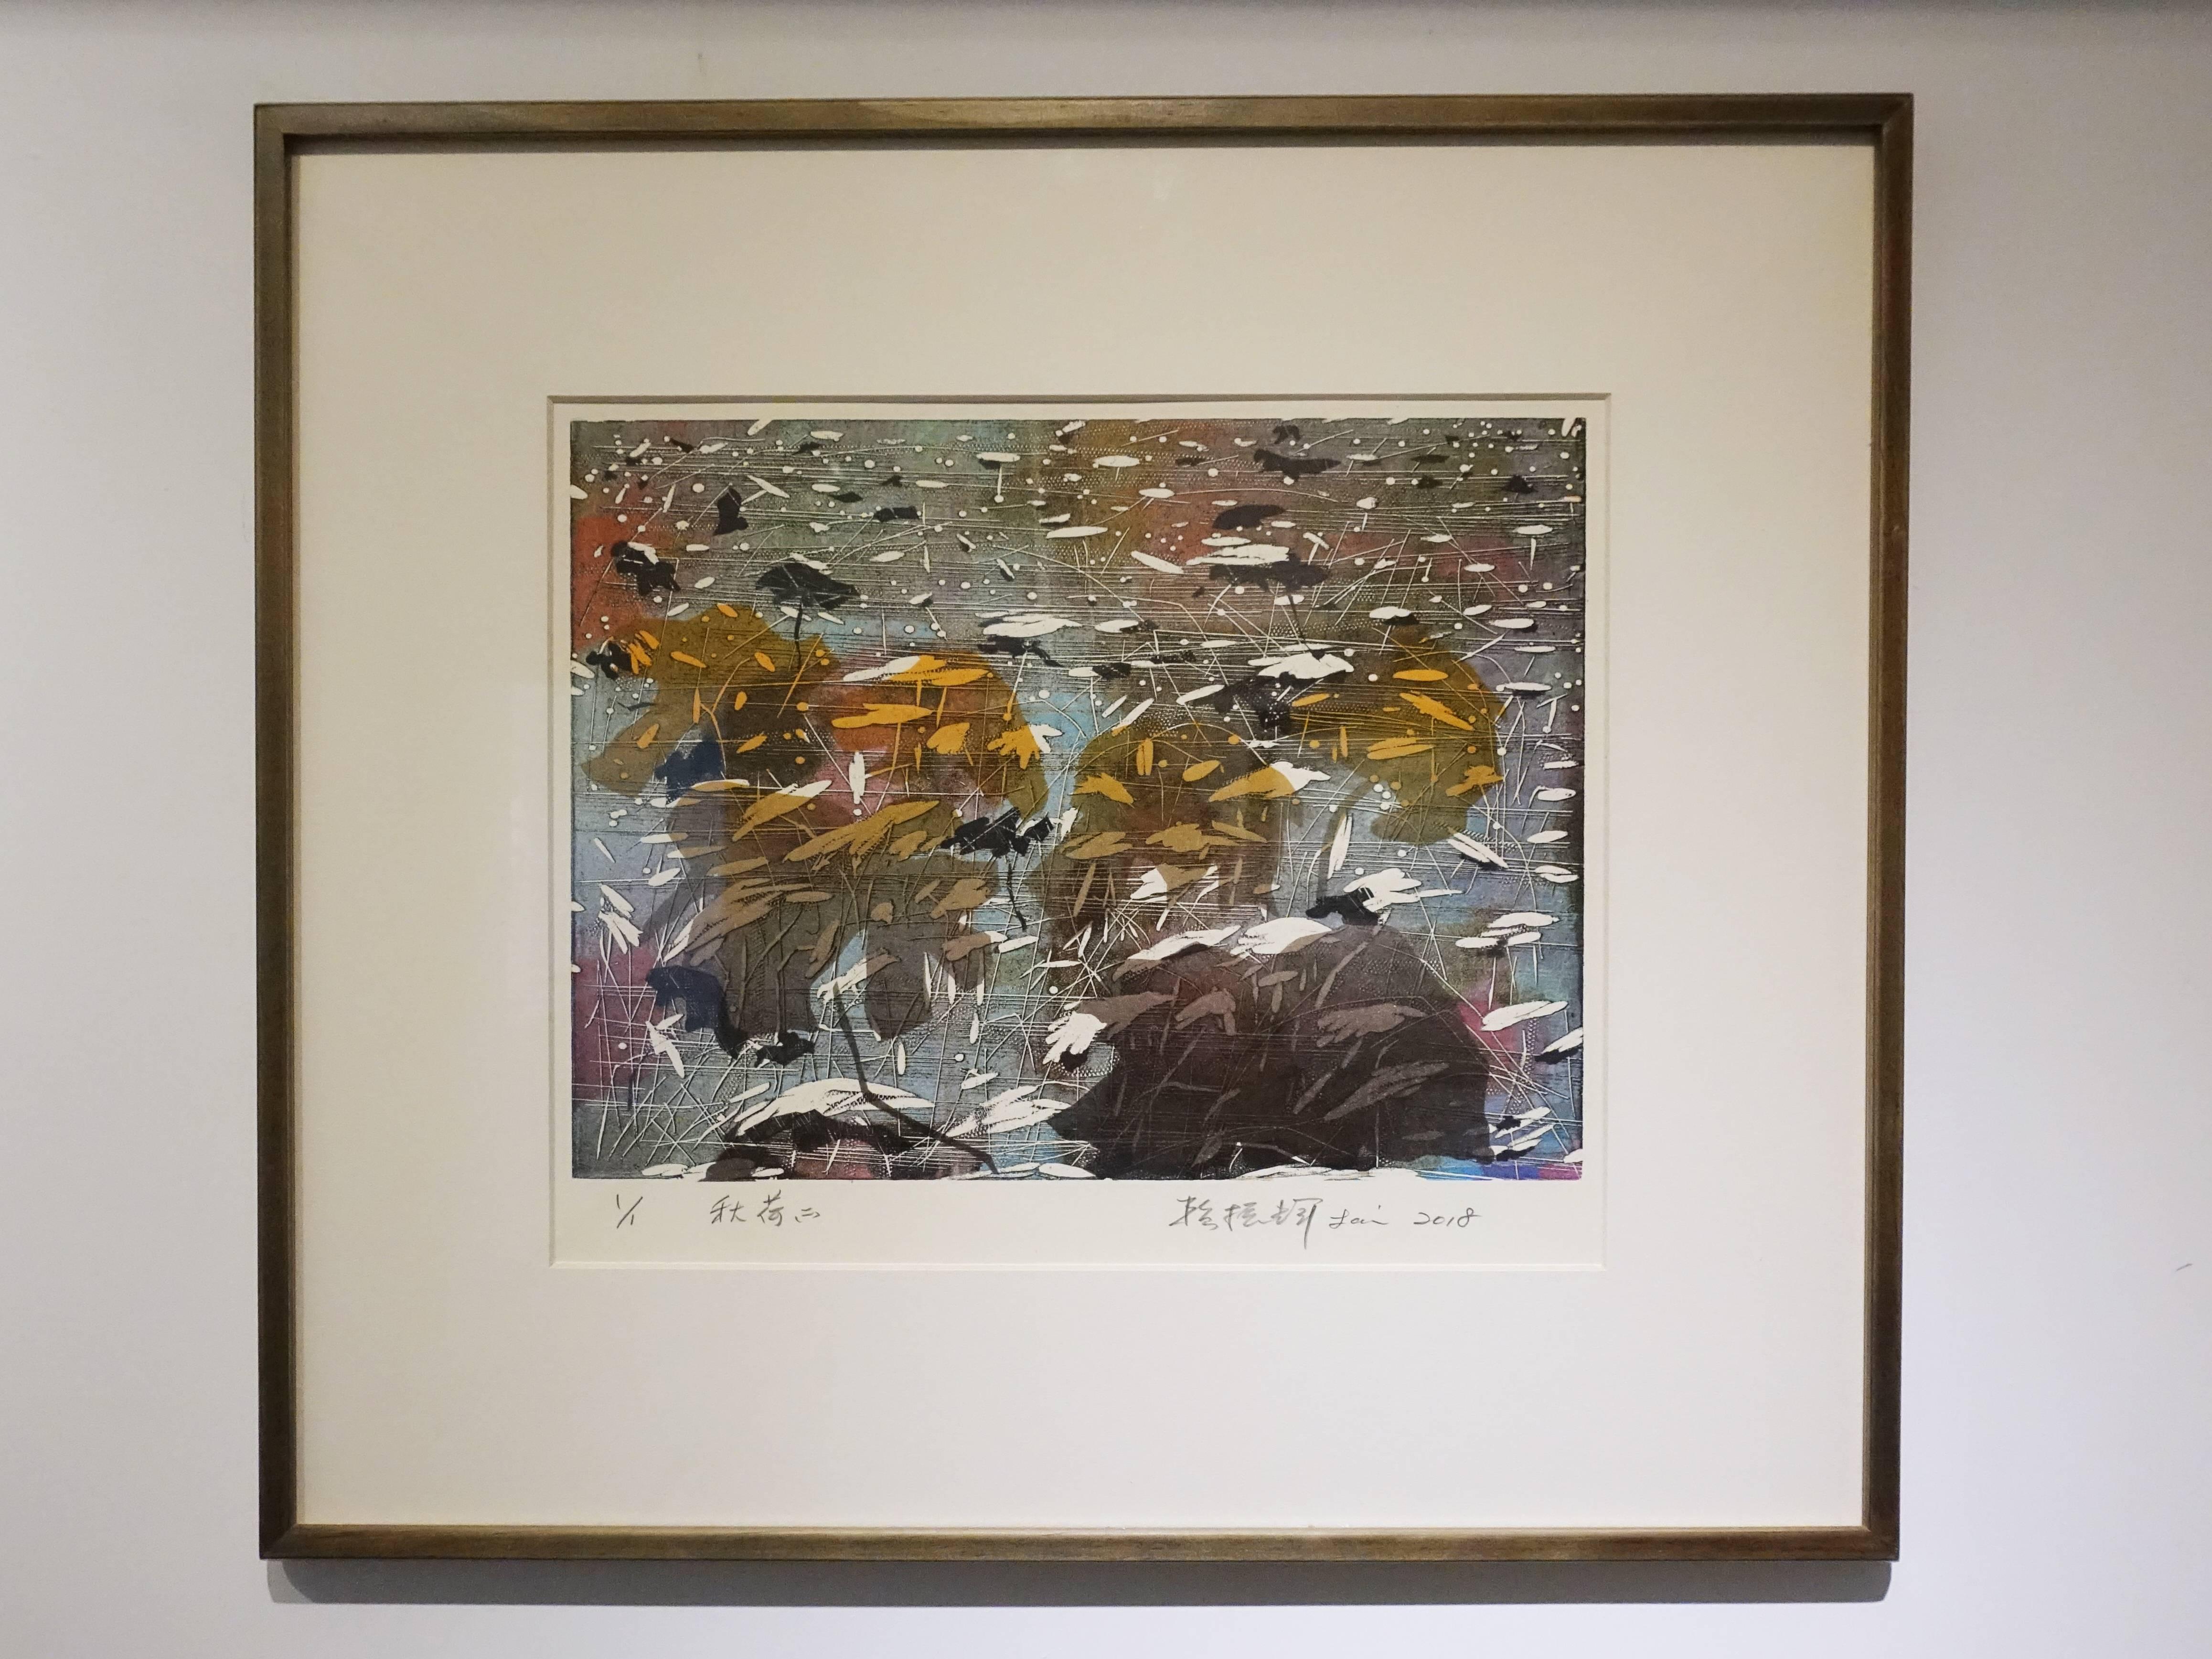 賴振輝,《秋荷(二)》,22.5 x 30 cm,1/1,新樹脂版,2018。